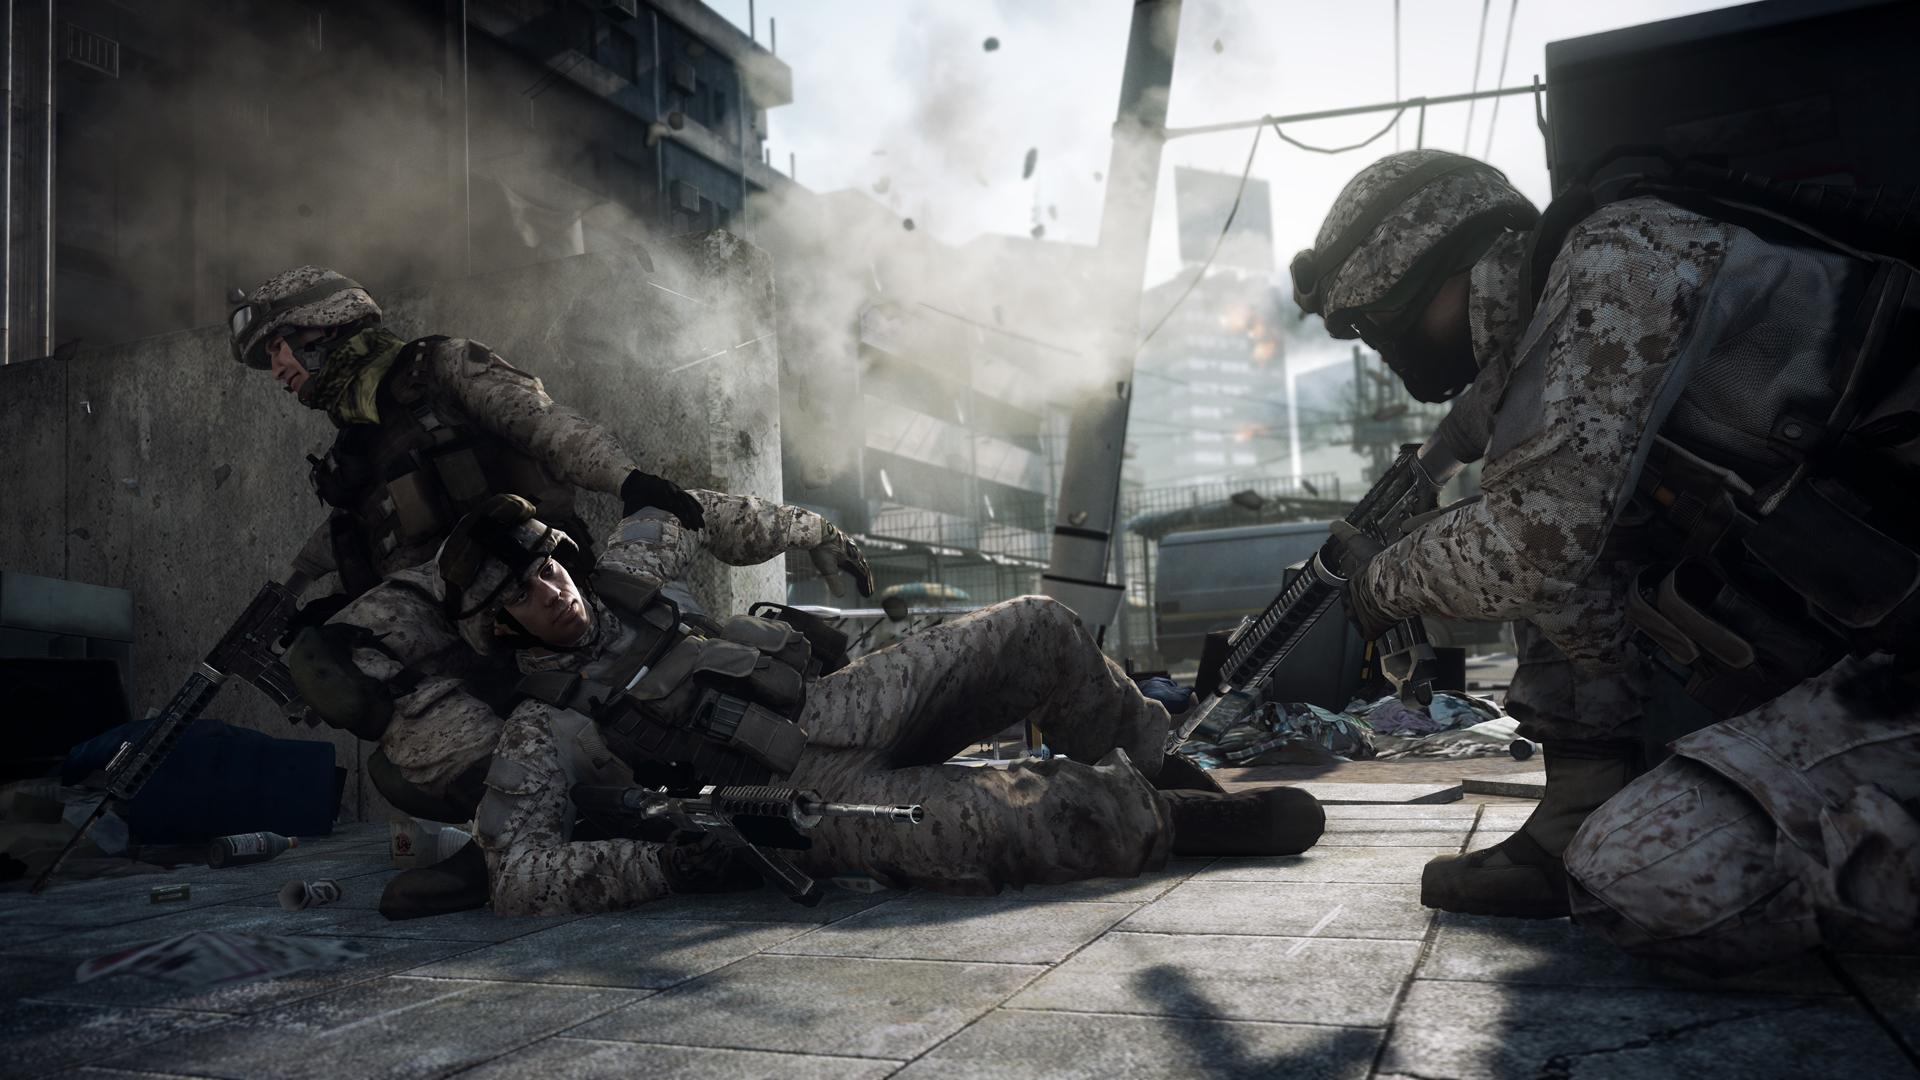 Battlefield 3 Wallpapers fonds dcran et photos HD 1920x1080